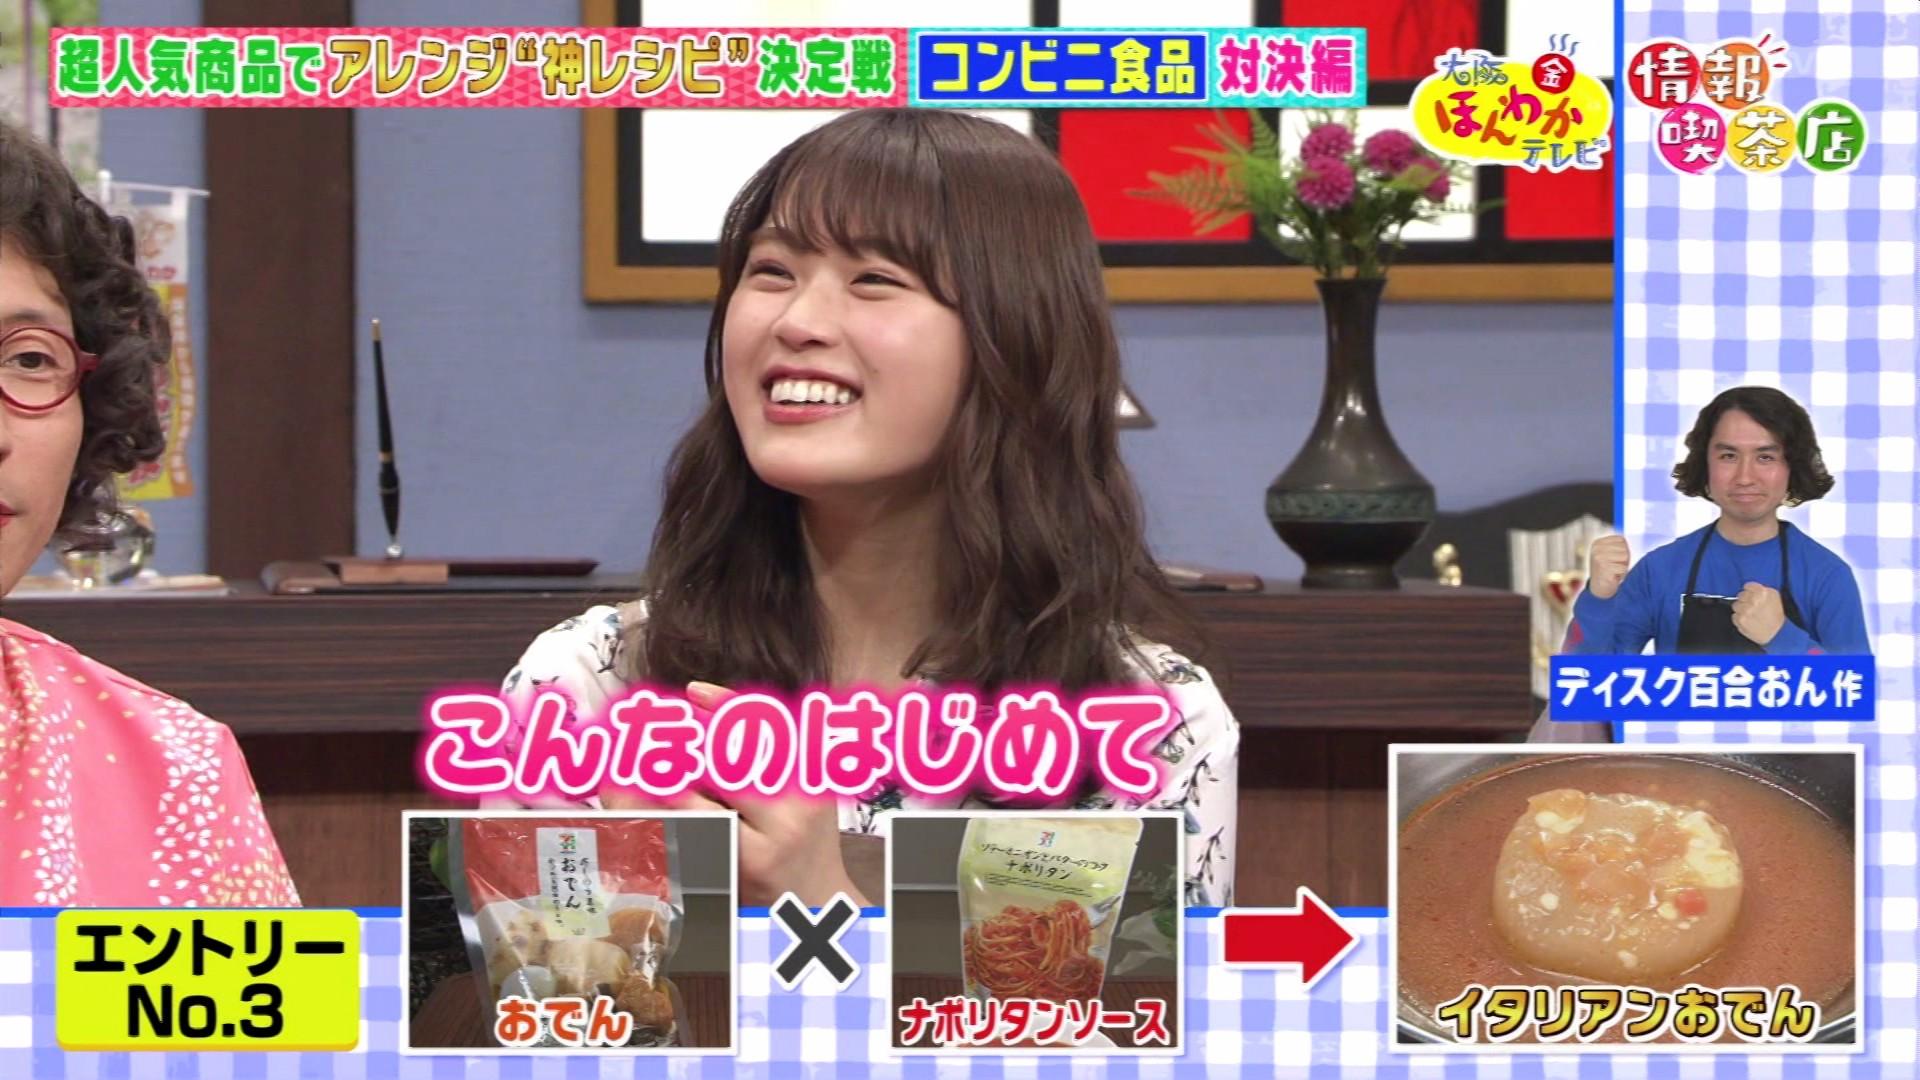 【渋谷凪咲/福本愛菜】2019年4月12日放送「大阪ほんわかテレビ」の画像。